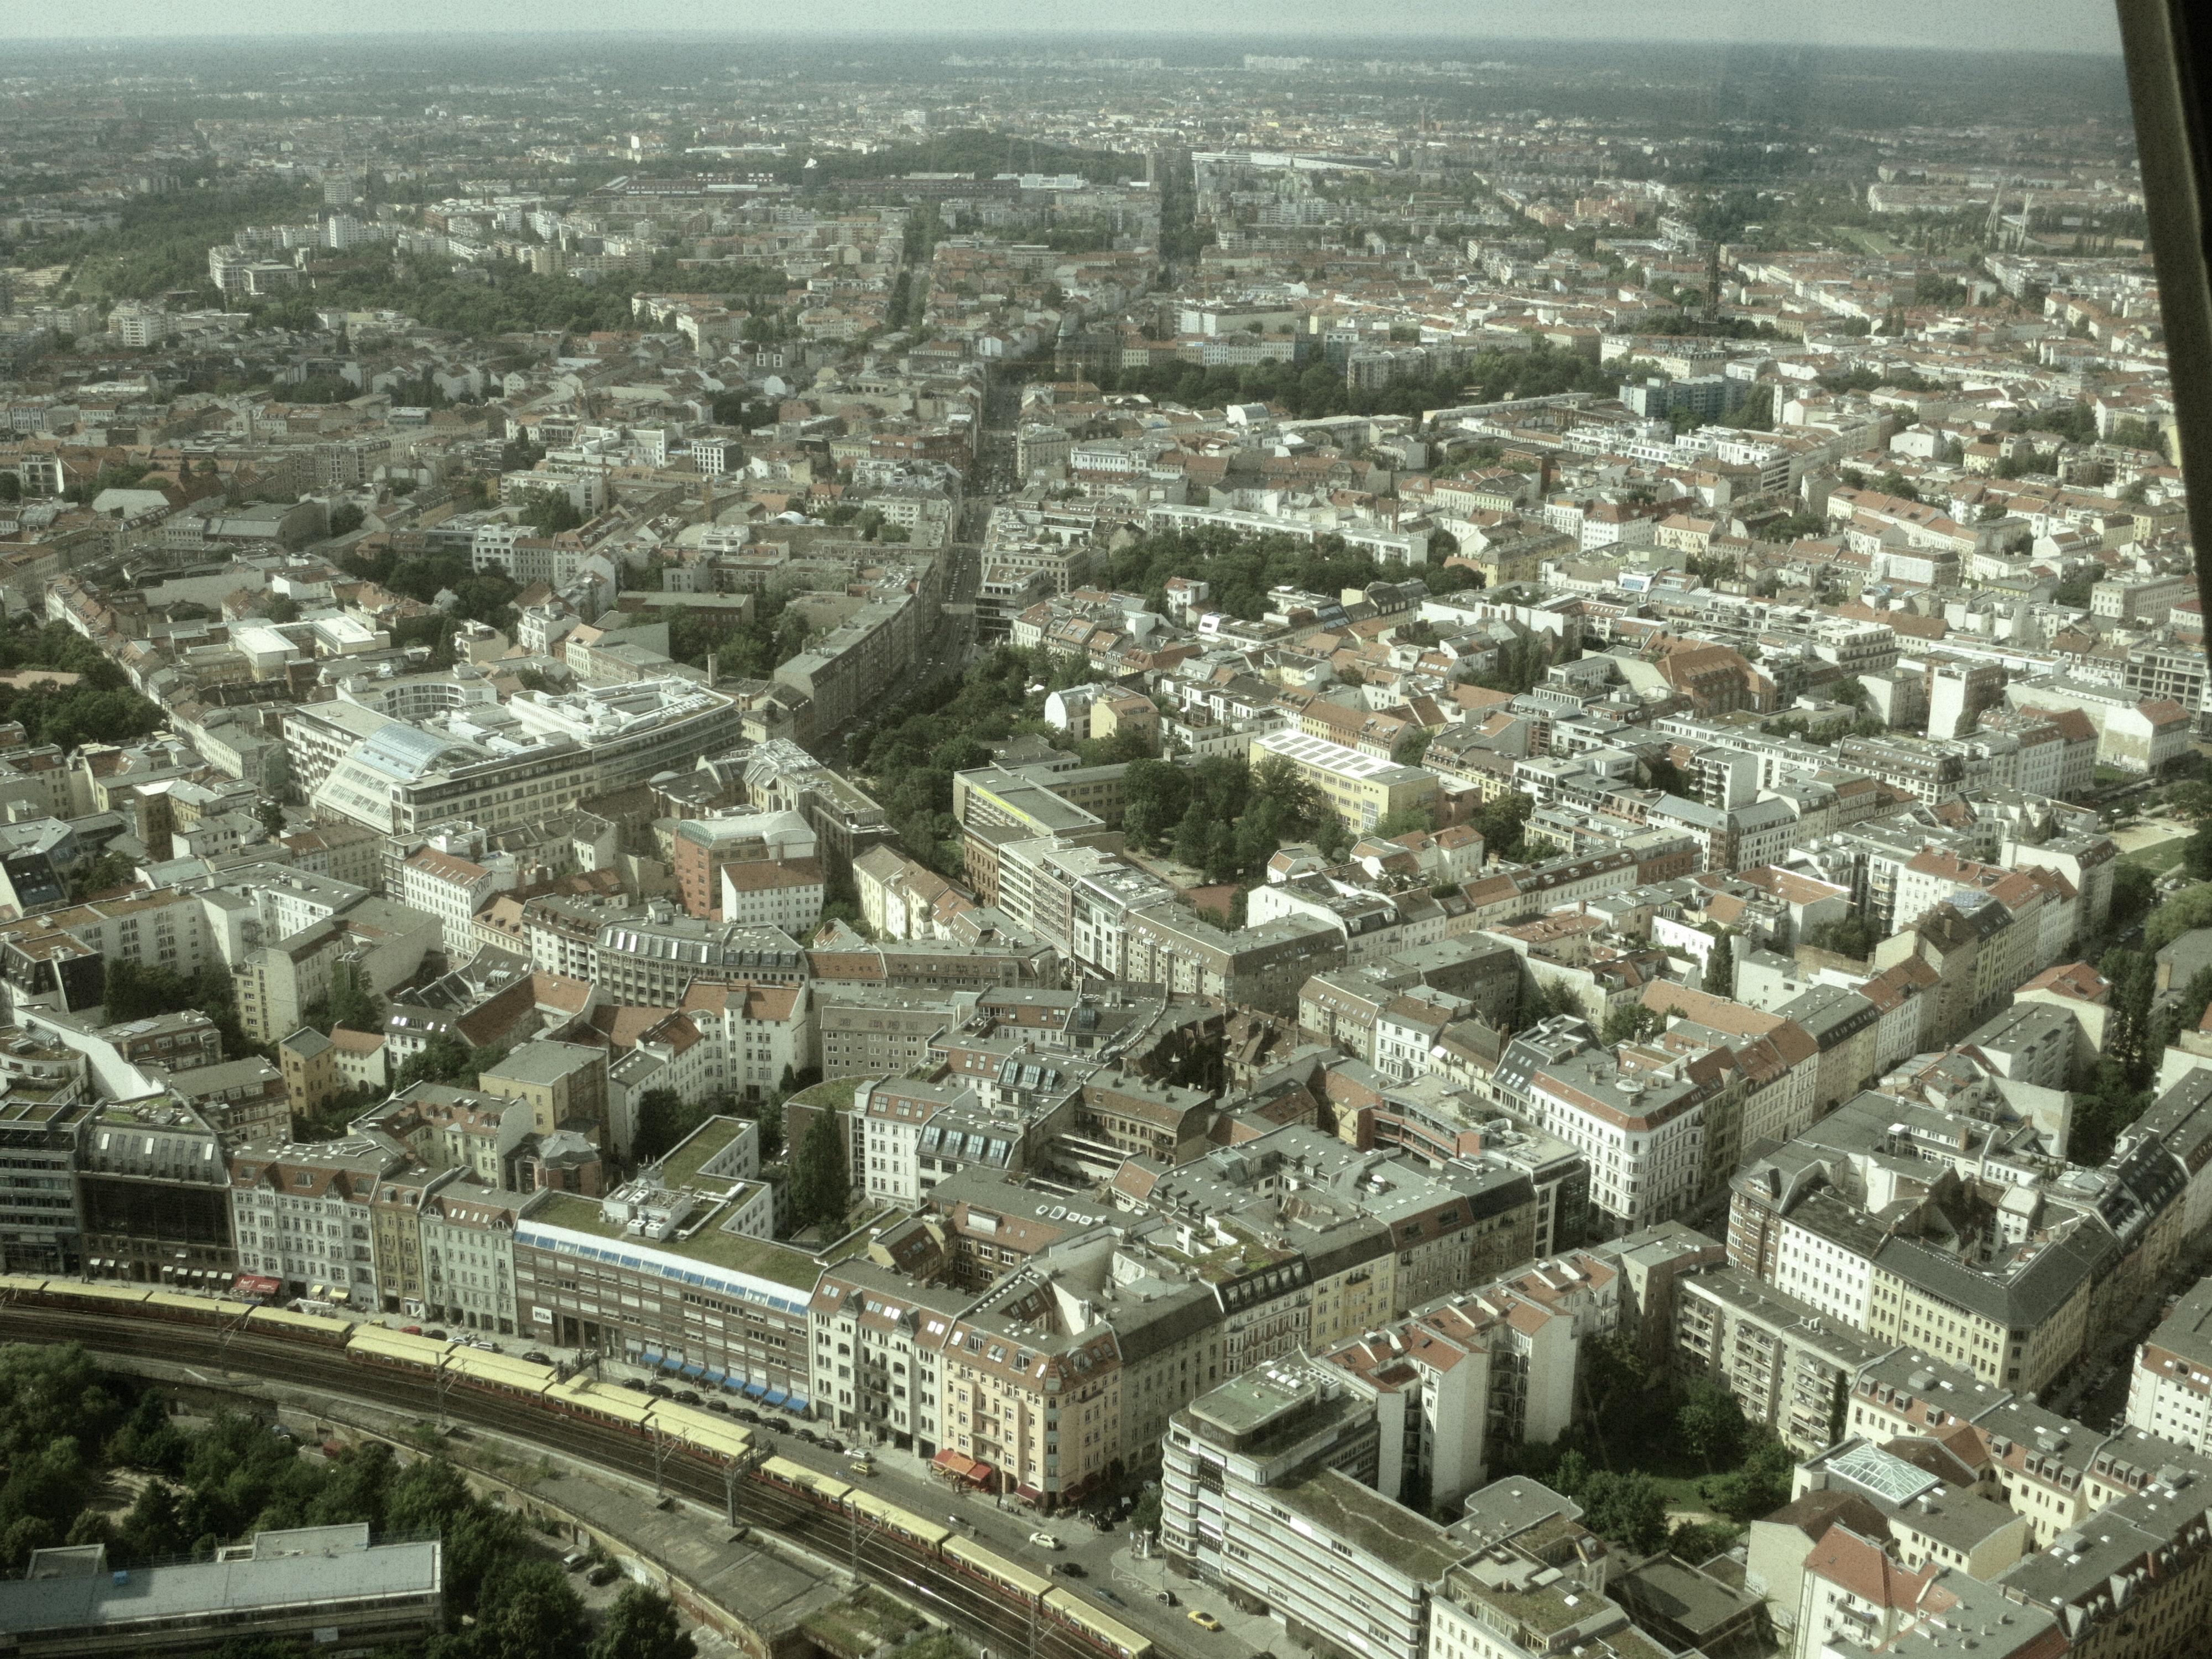 View from Fernsehturm Berlin